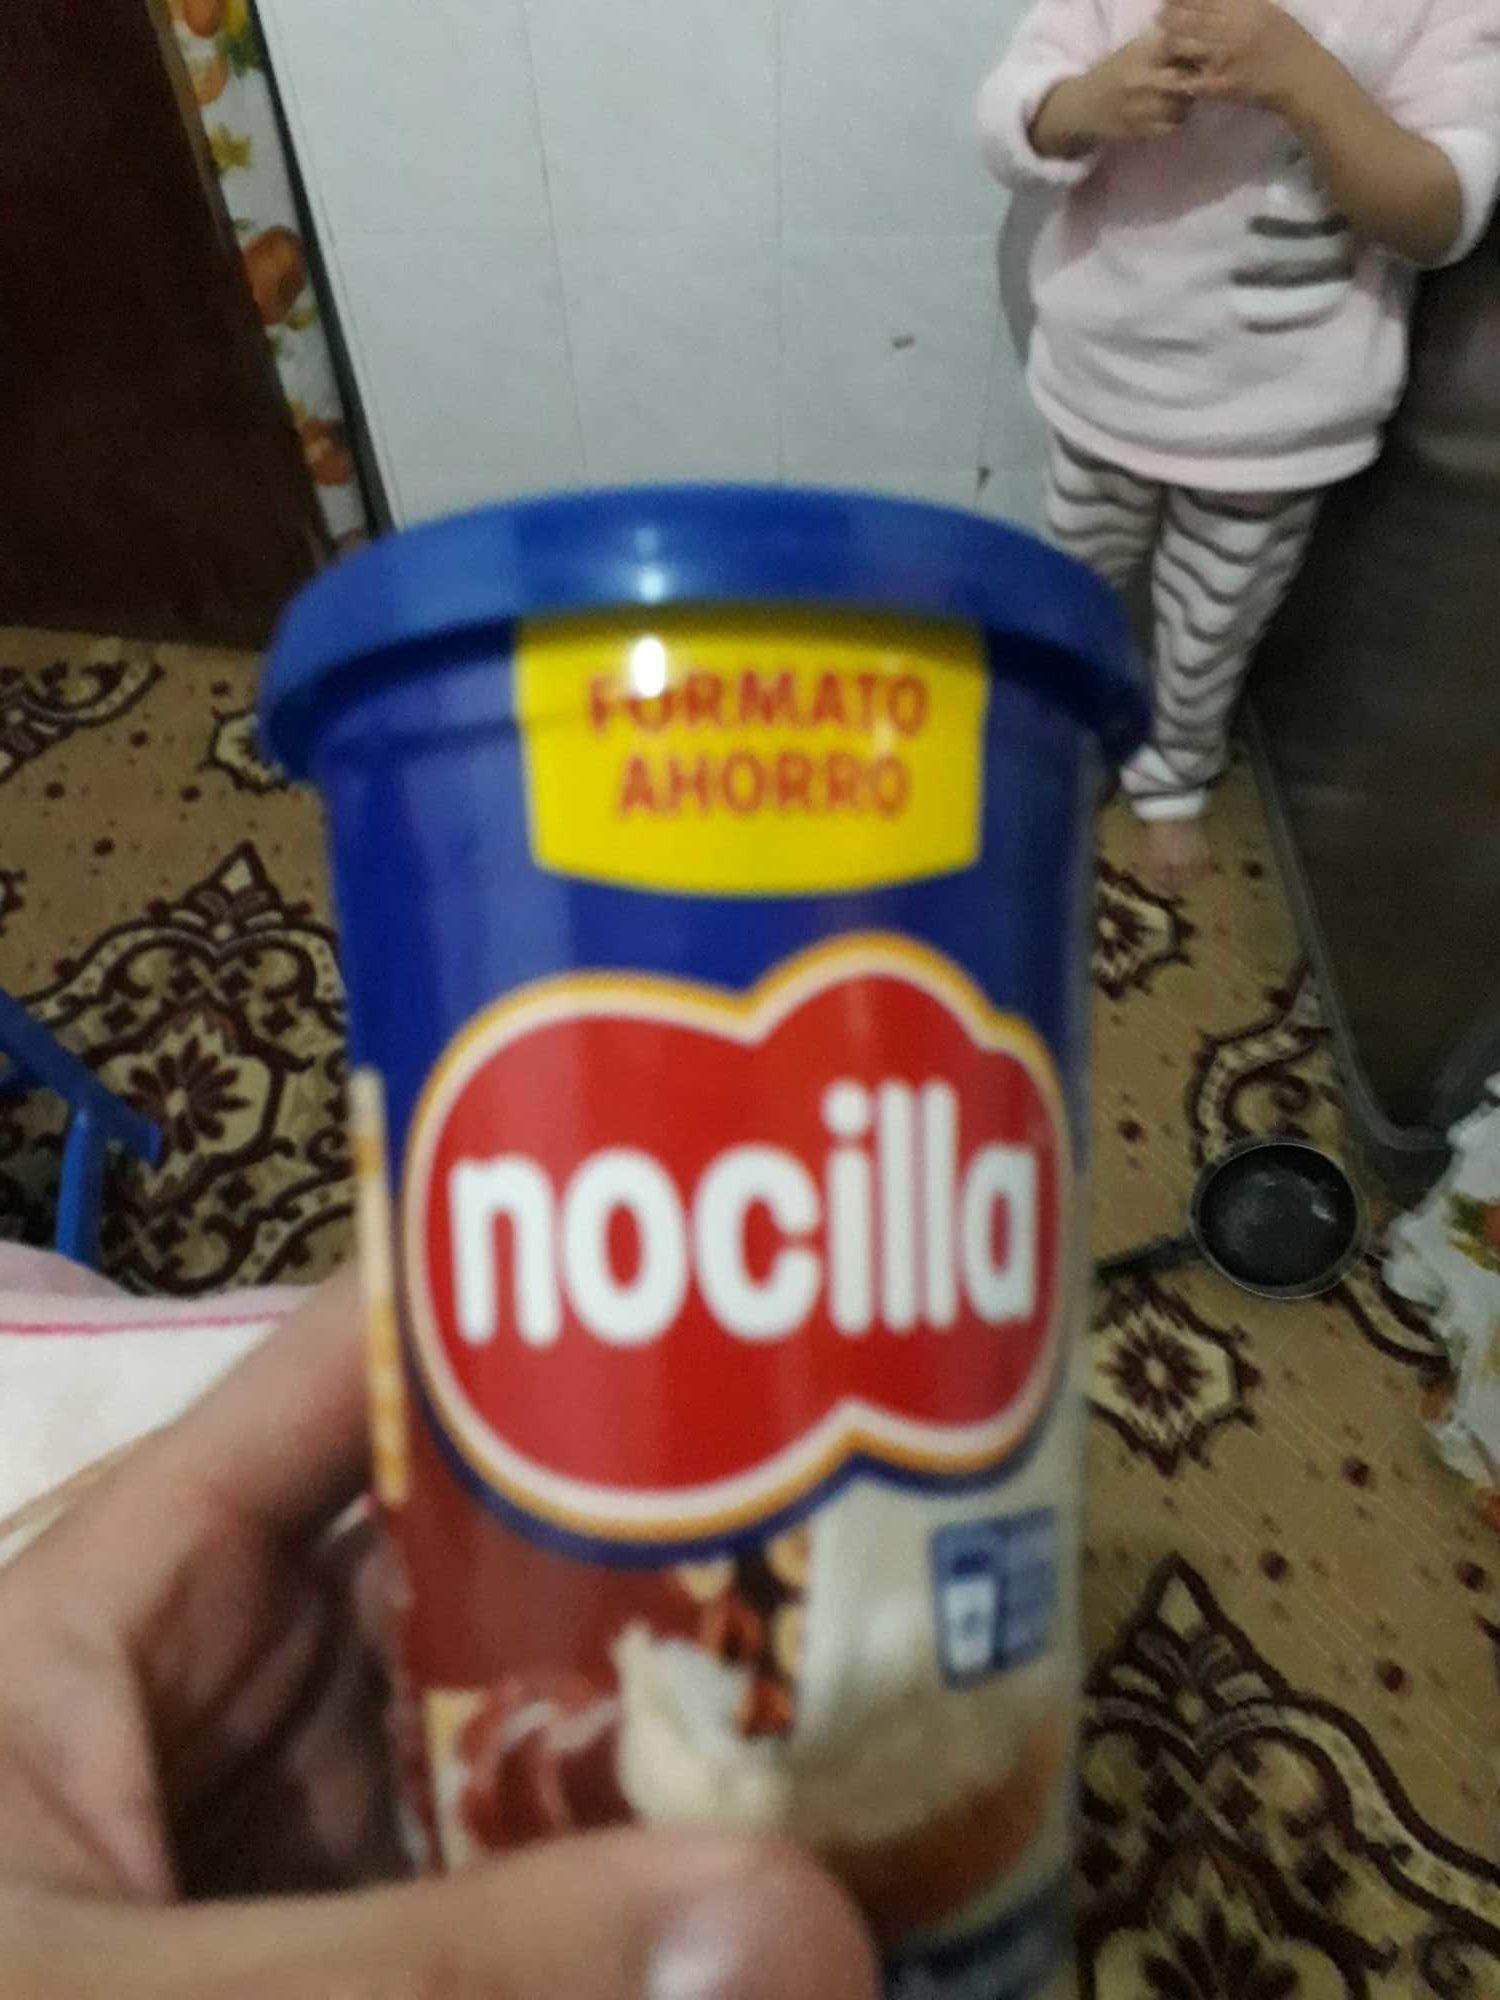 Chocoleche crema de cacao, avellanas y leche - Product - es